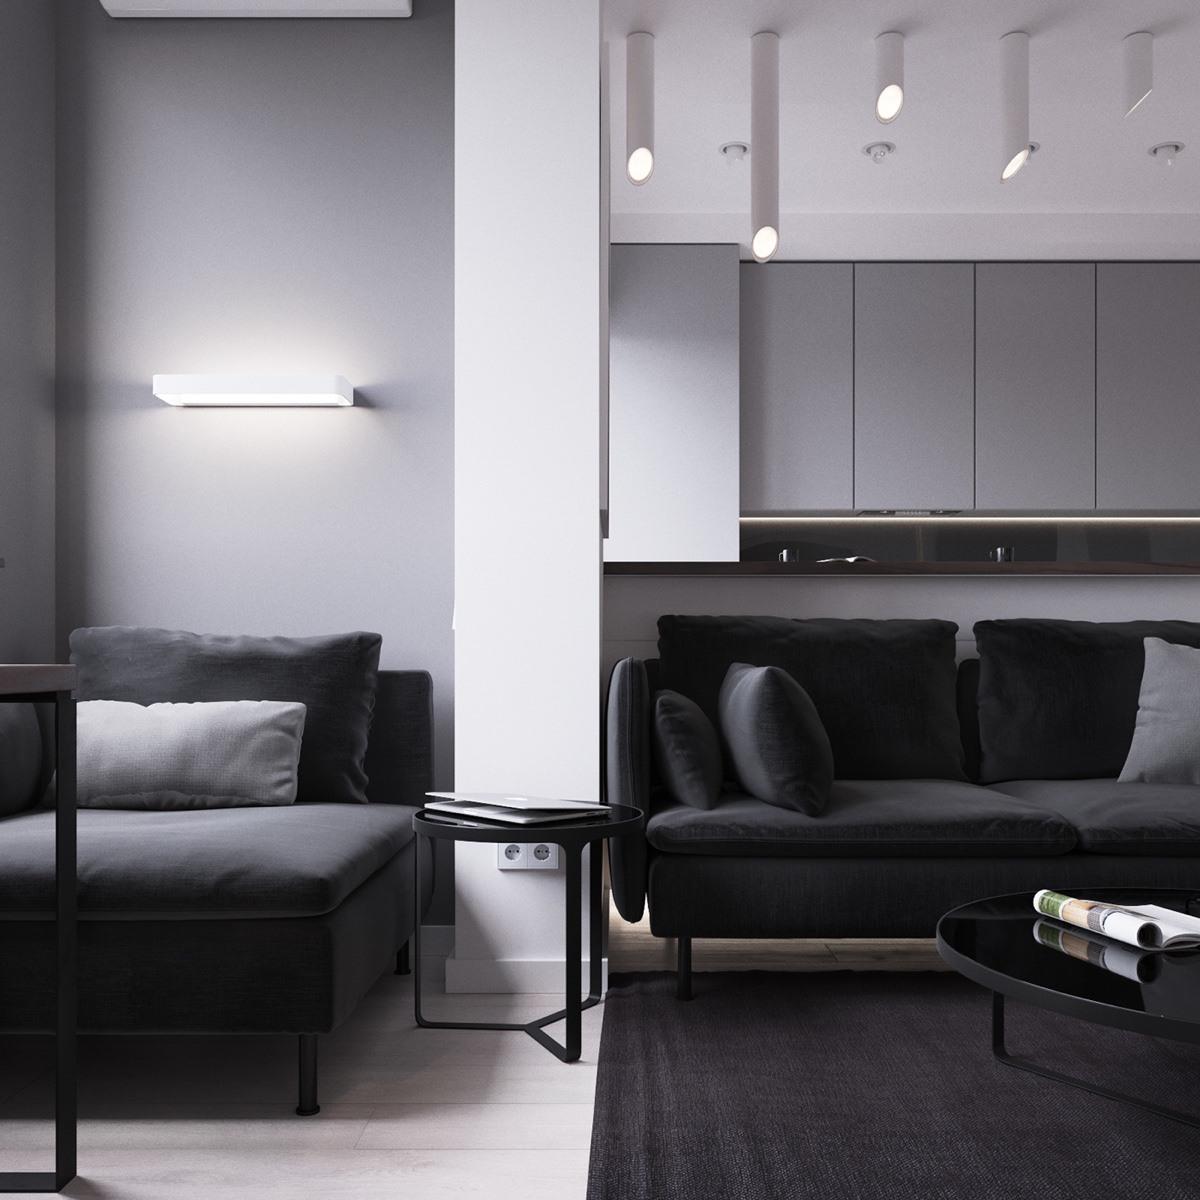 Thích mê 3 căn hộ hiện đại với diện tích khiêm tốn dưới 50m2 - Ảnh 14.